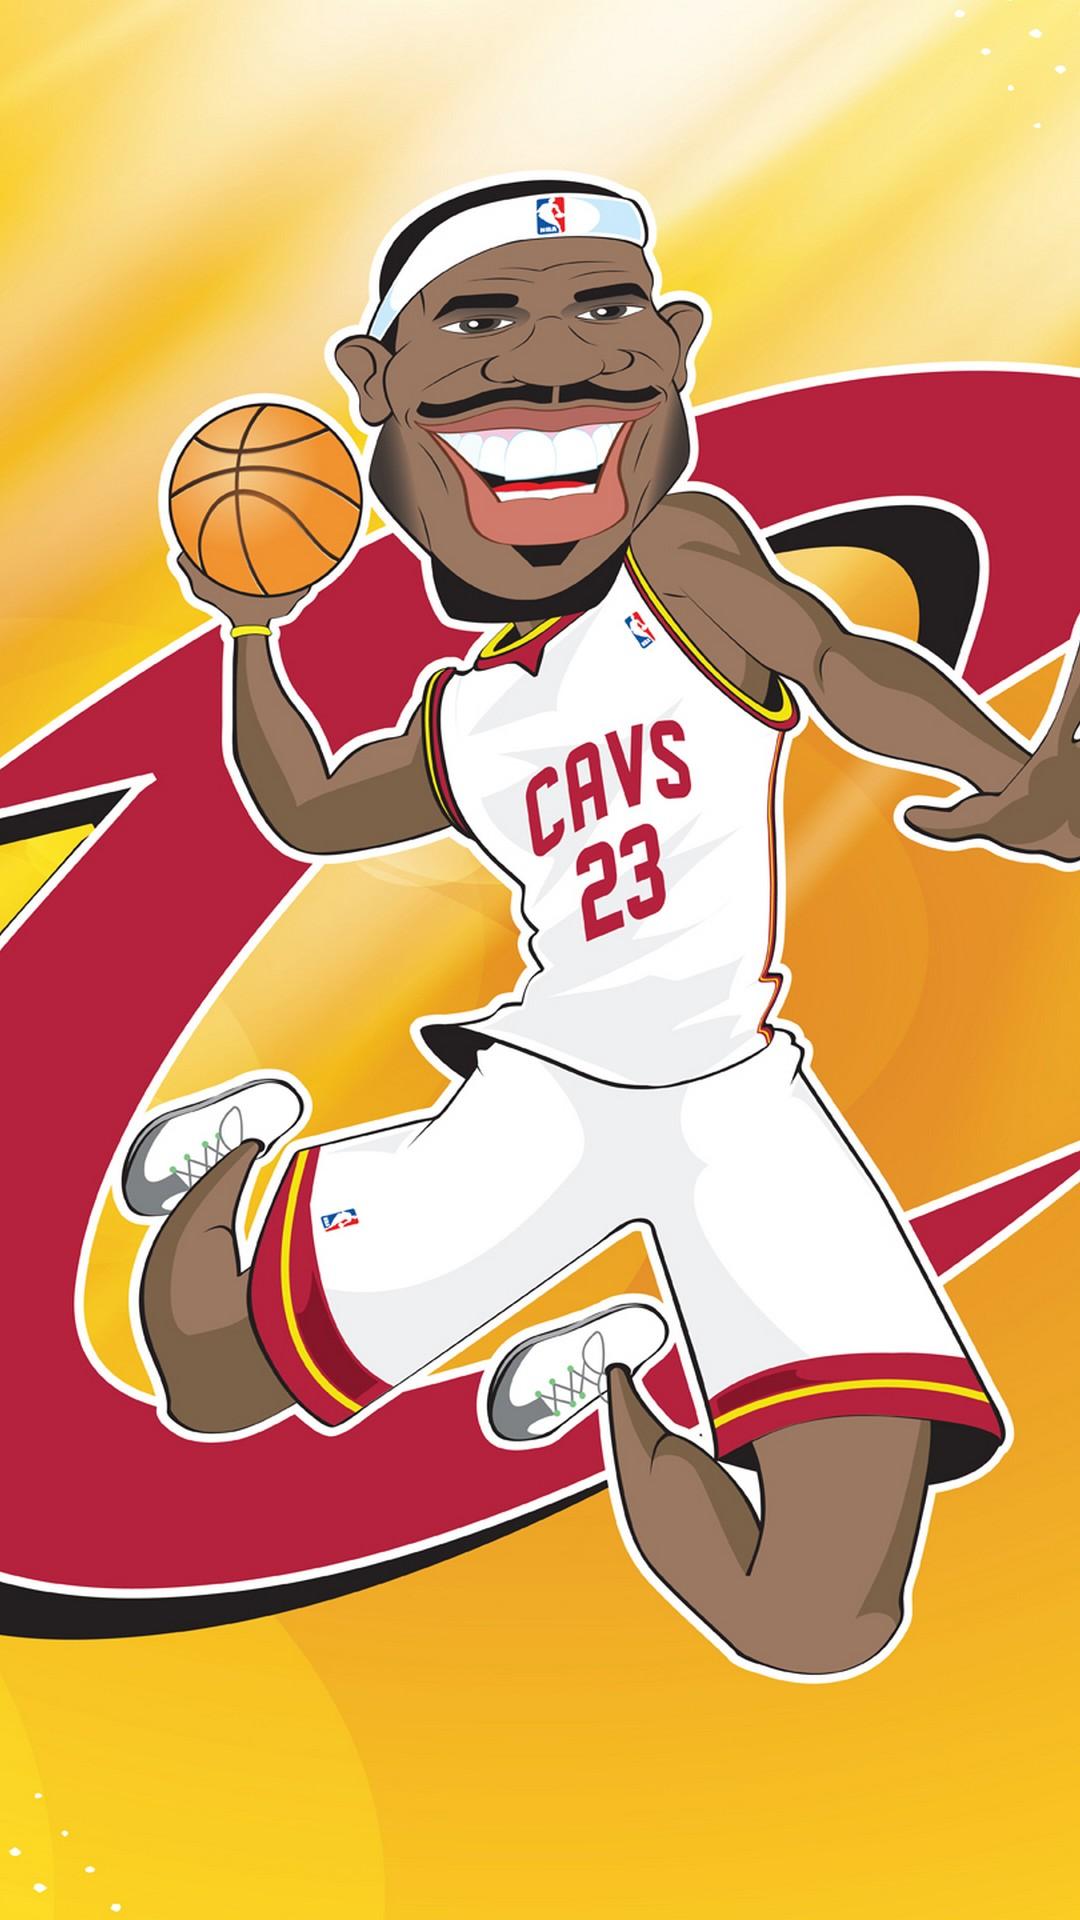 Cleveland Cavaliers NBA iPhone 8 Wallpaper 2020 Basketball Wallpaper 1080x1920